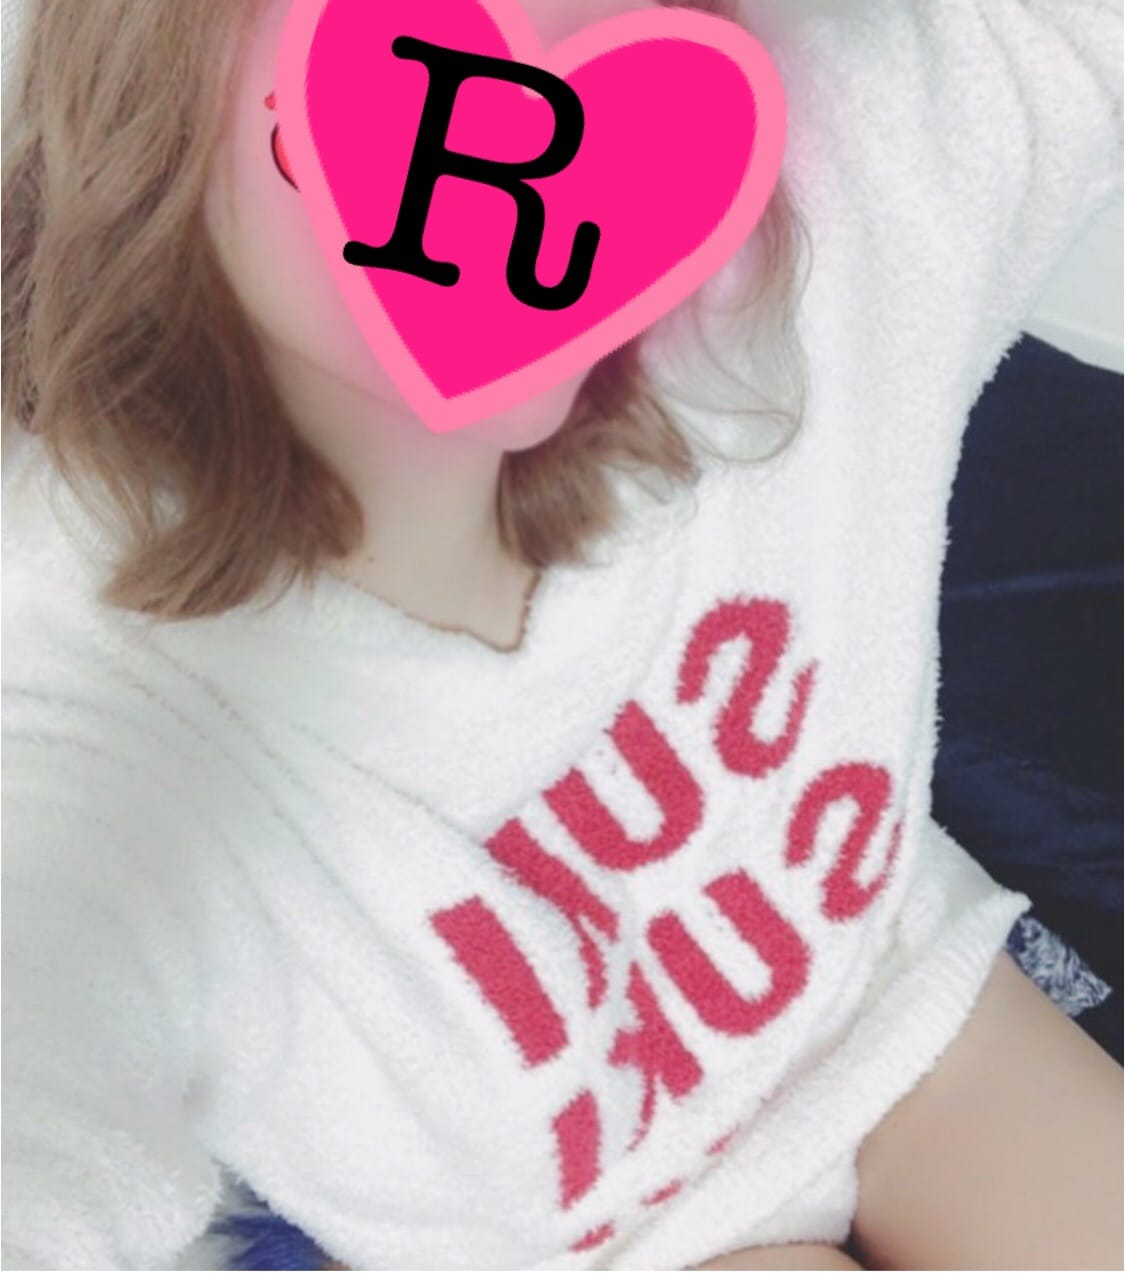 「金曜、土曜、日曜?」01/17(水) 12:36 | 三咲 りんの写メ・風俗動画